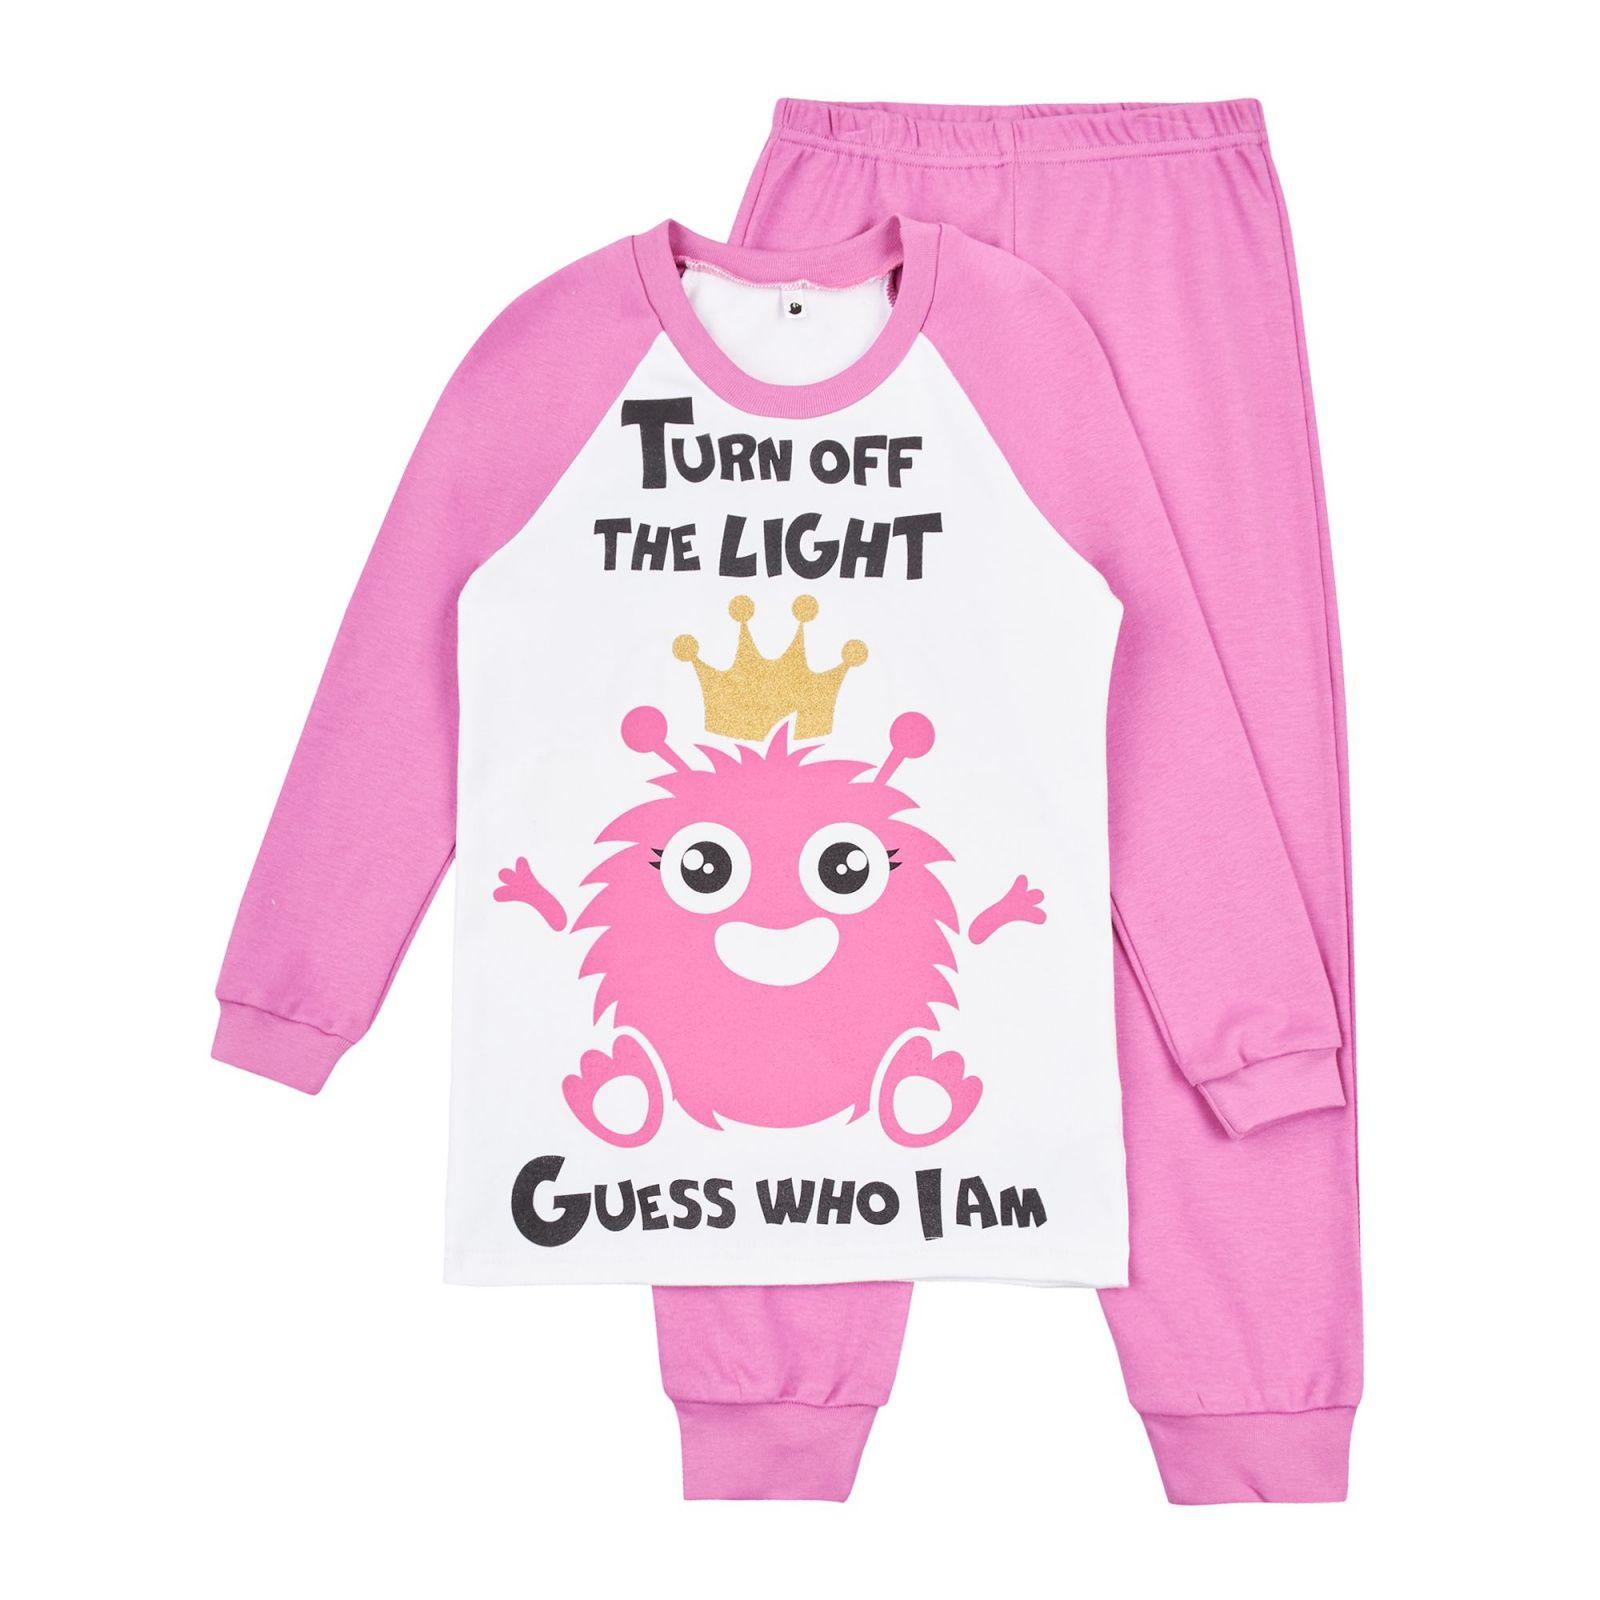 Пижама детские Garnamama модель 2EI~50841-13 отзывы, 2017